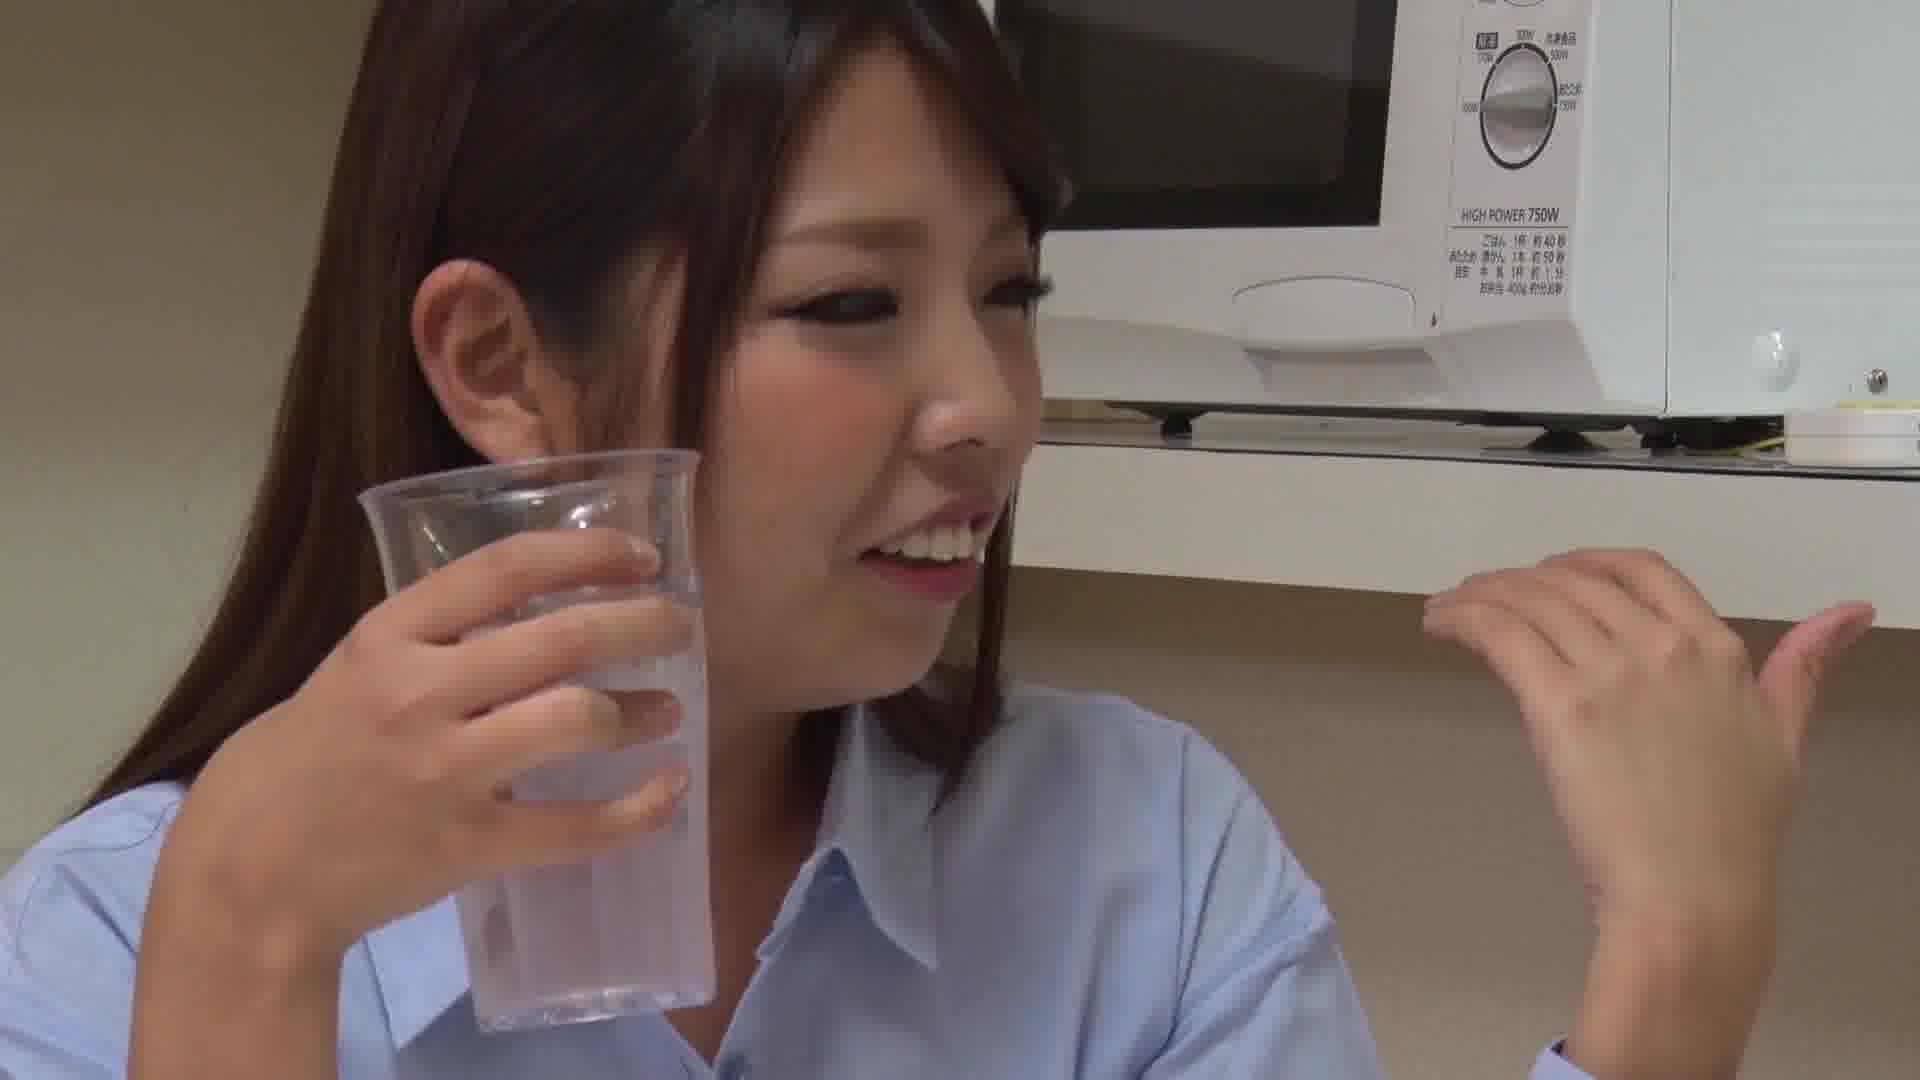 飲み姿エロイイGP ~二人で飲んでたらしたくなっちゃう~ - 夢咲かのん【美乳・ハメ撮り・パイパン】